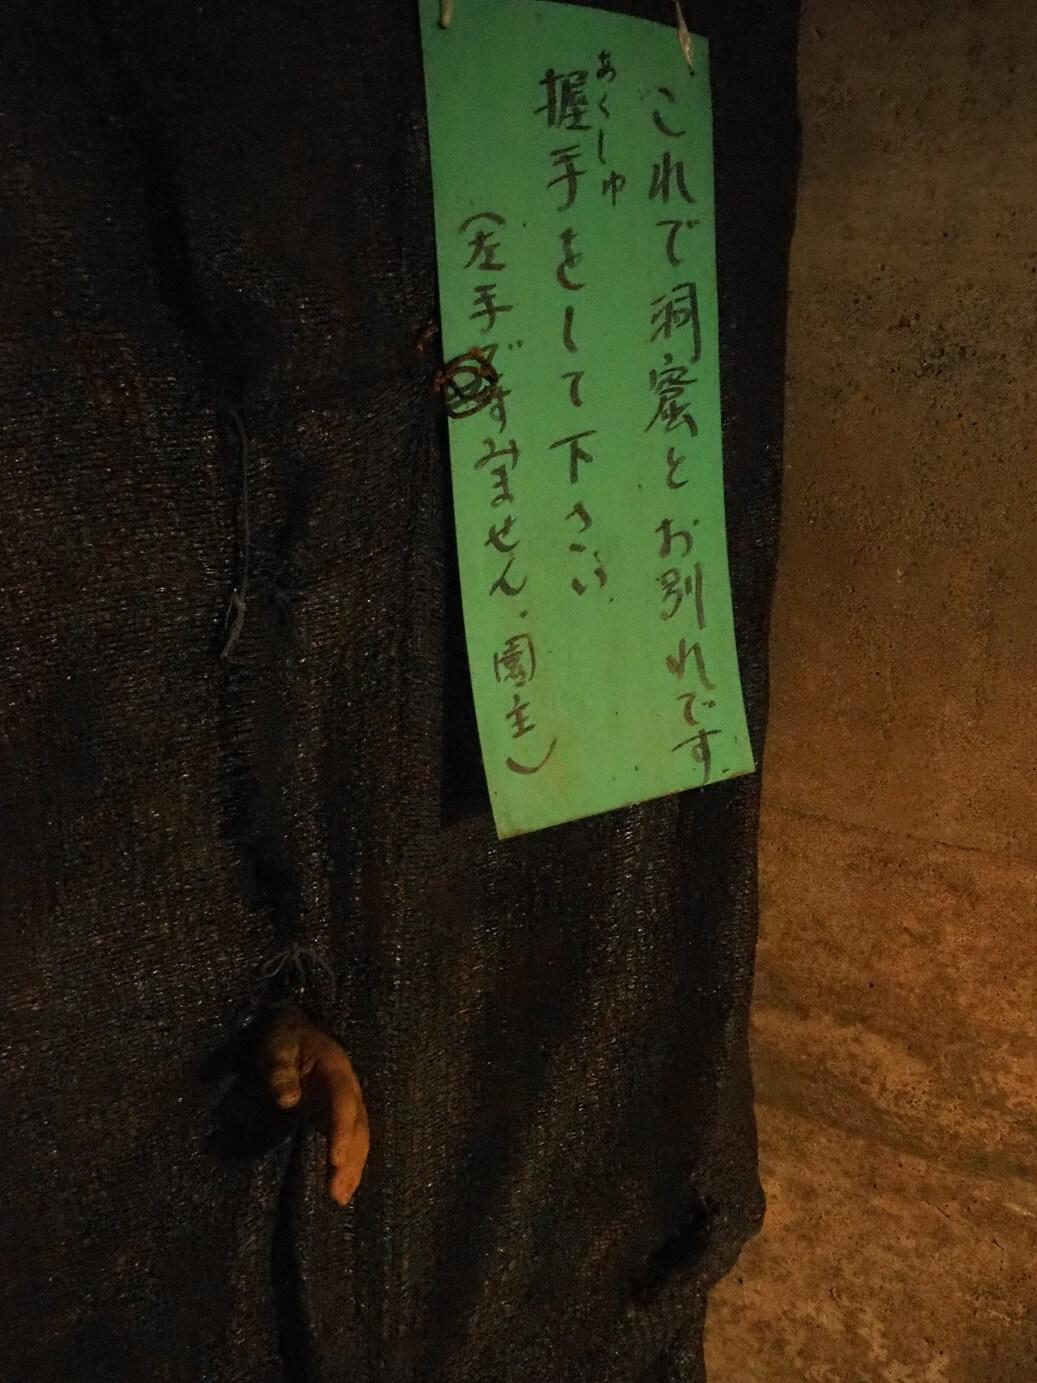 三田三昭堂 ロートルメゾン西ノ洞